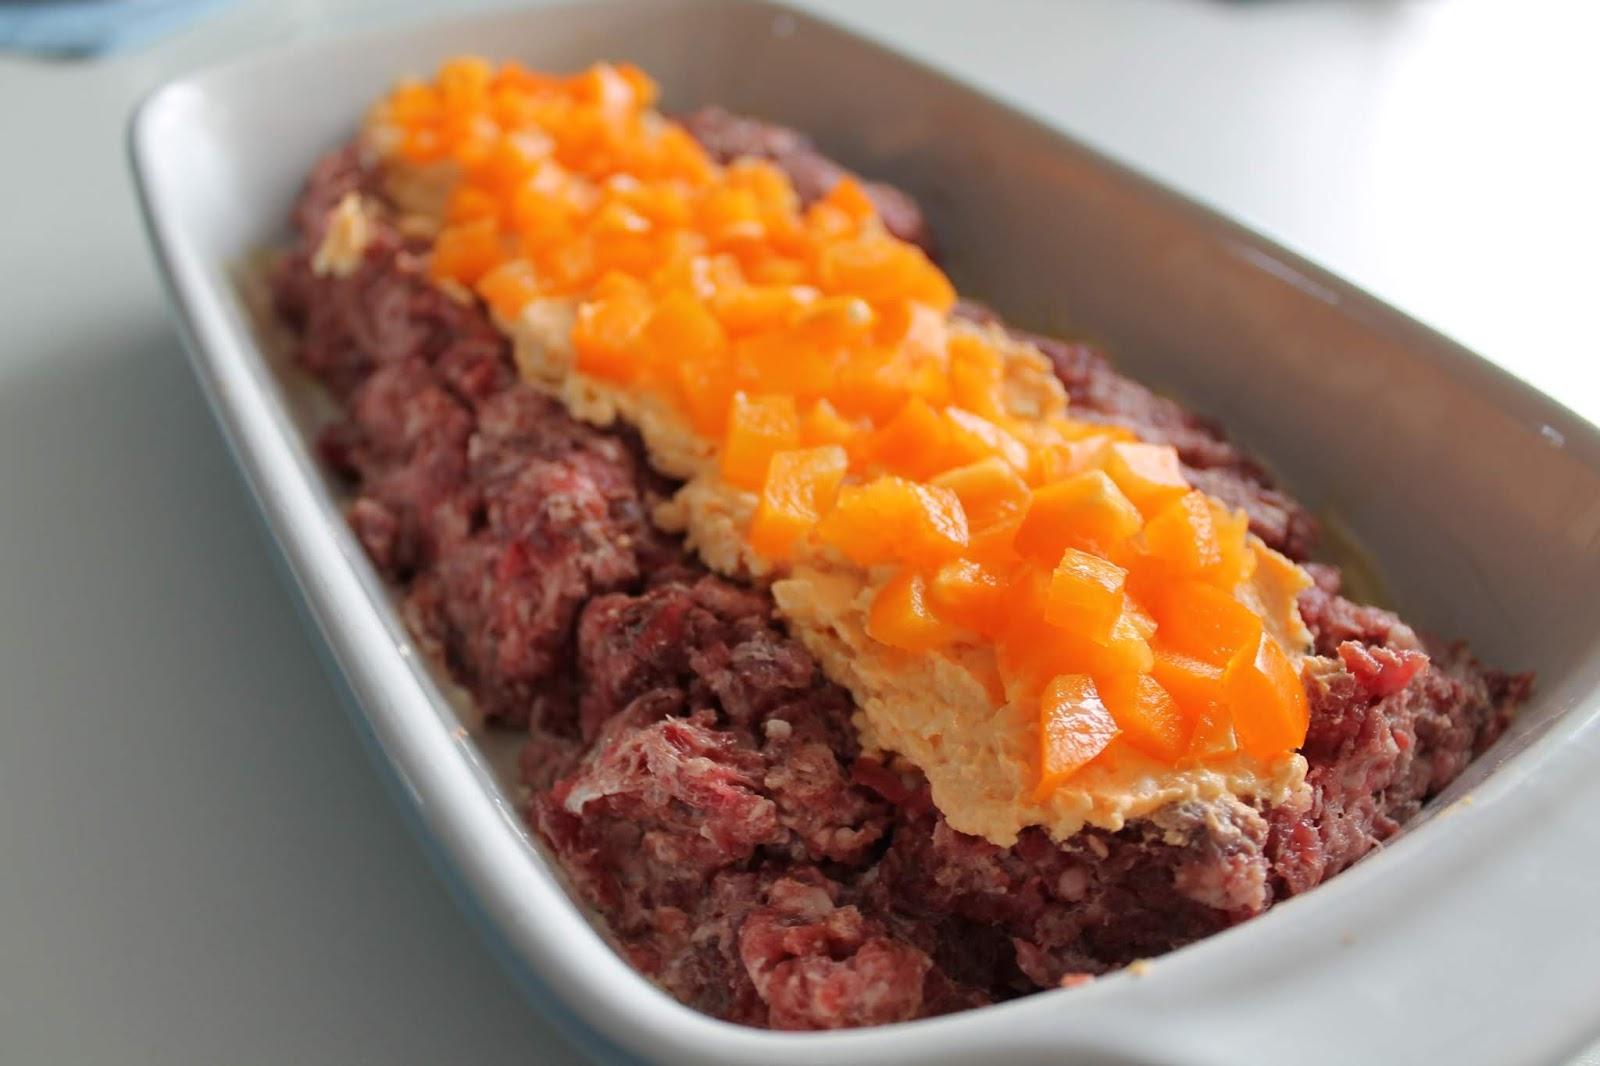 Ost- och paprikafylld köttfärslimpa